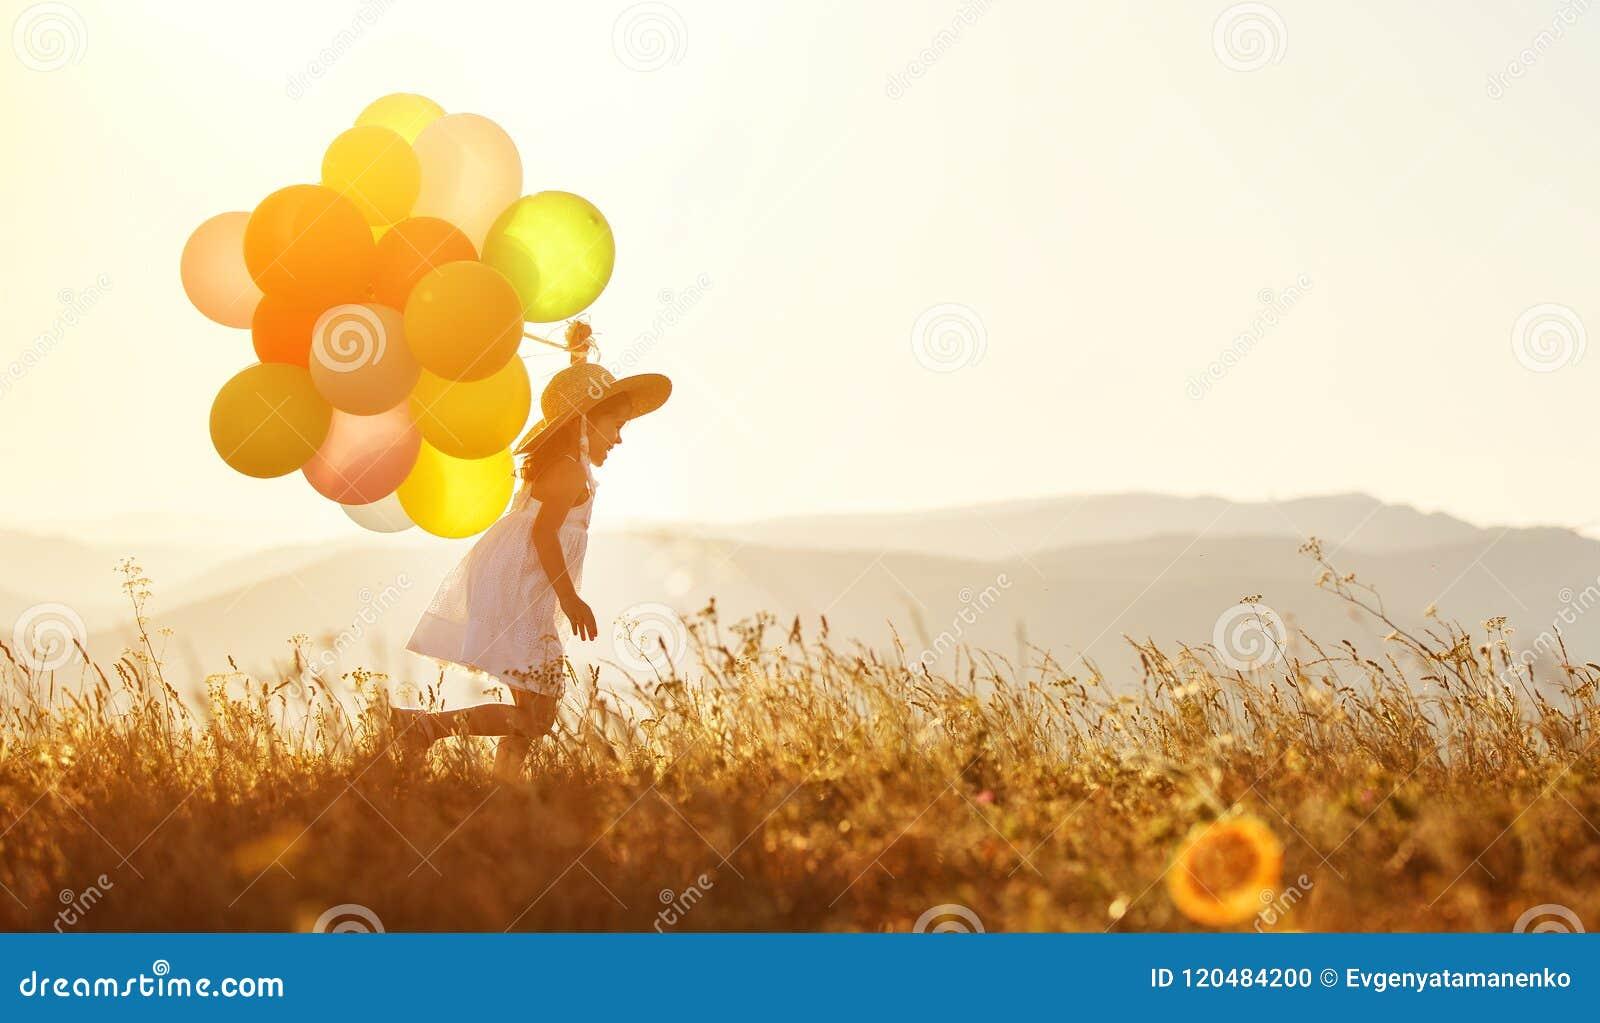 Niño feliz con los globos en la puesta del sol en verano